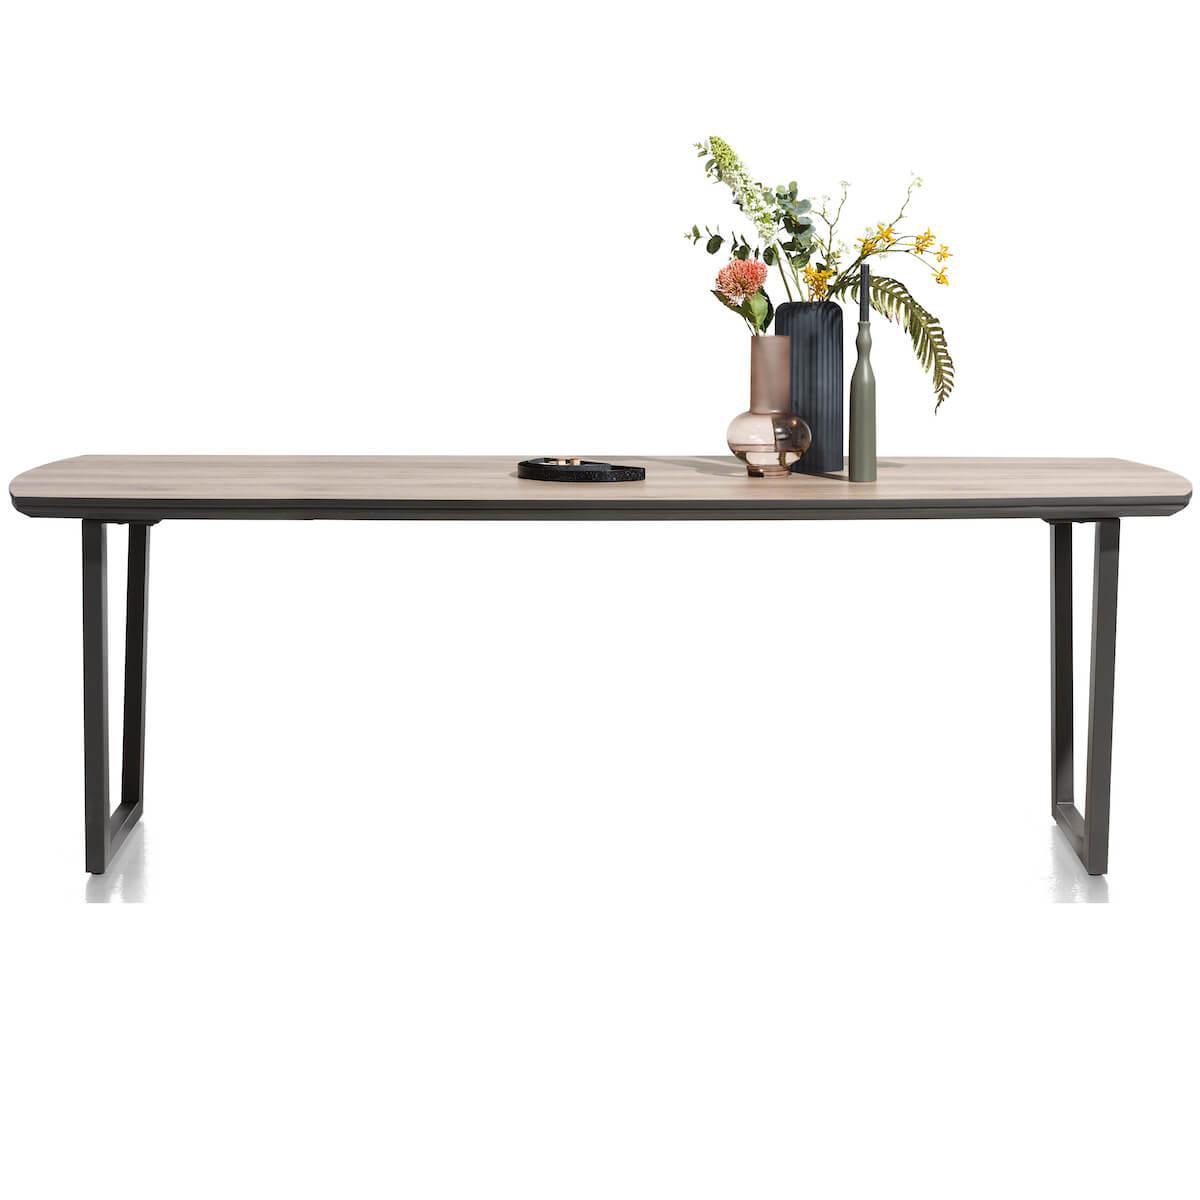 Table 98x240cm COPENHAGEN Henders & Hazel